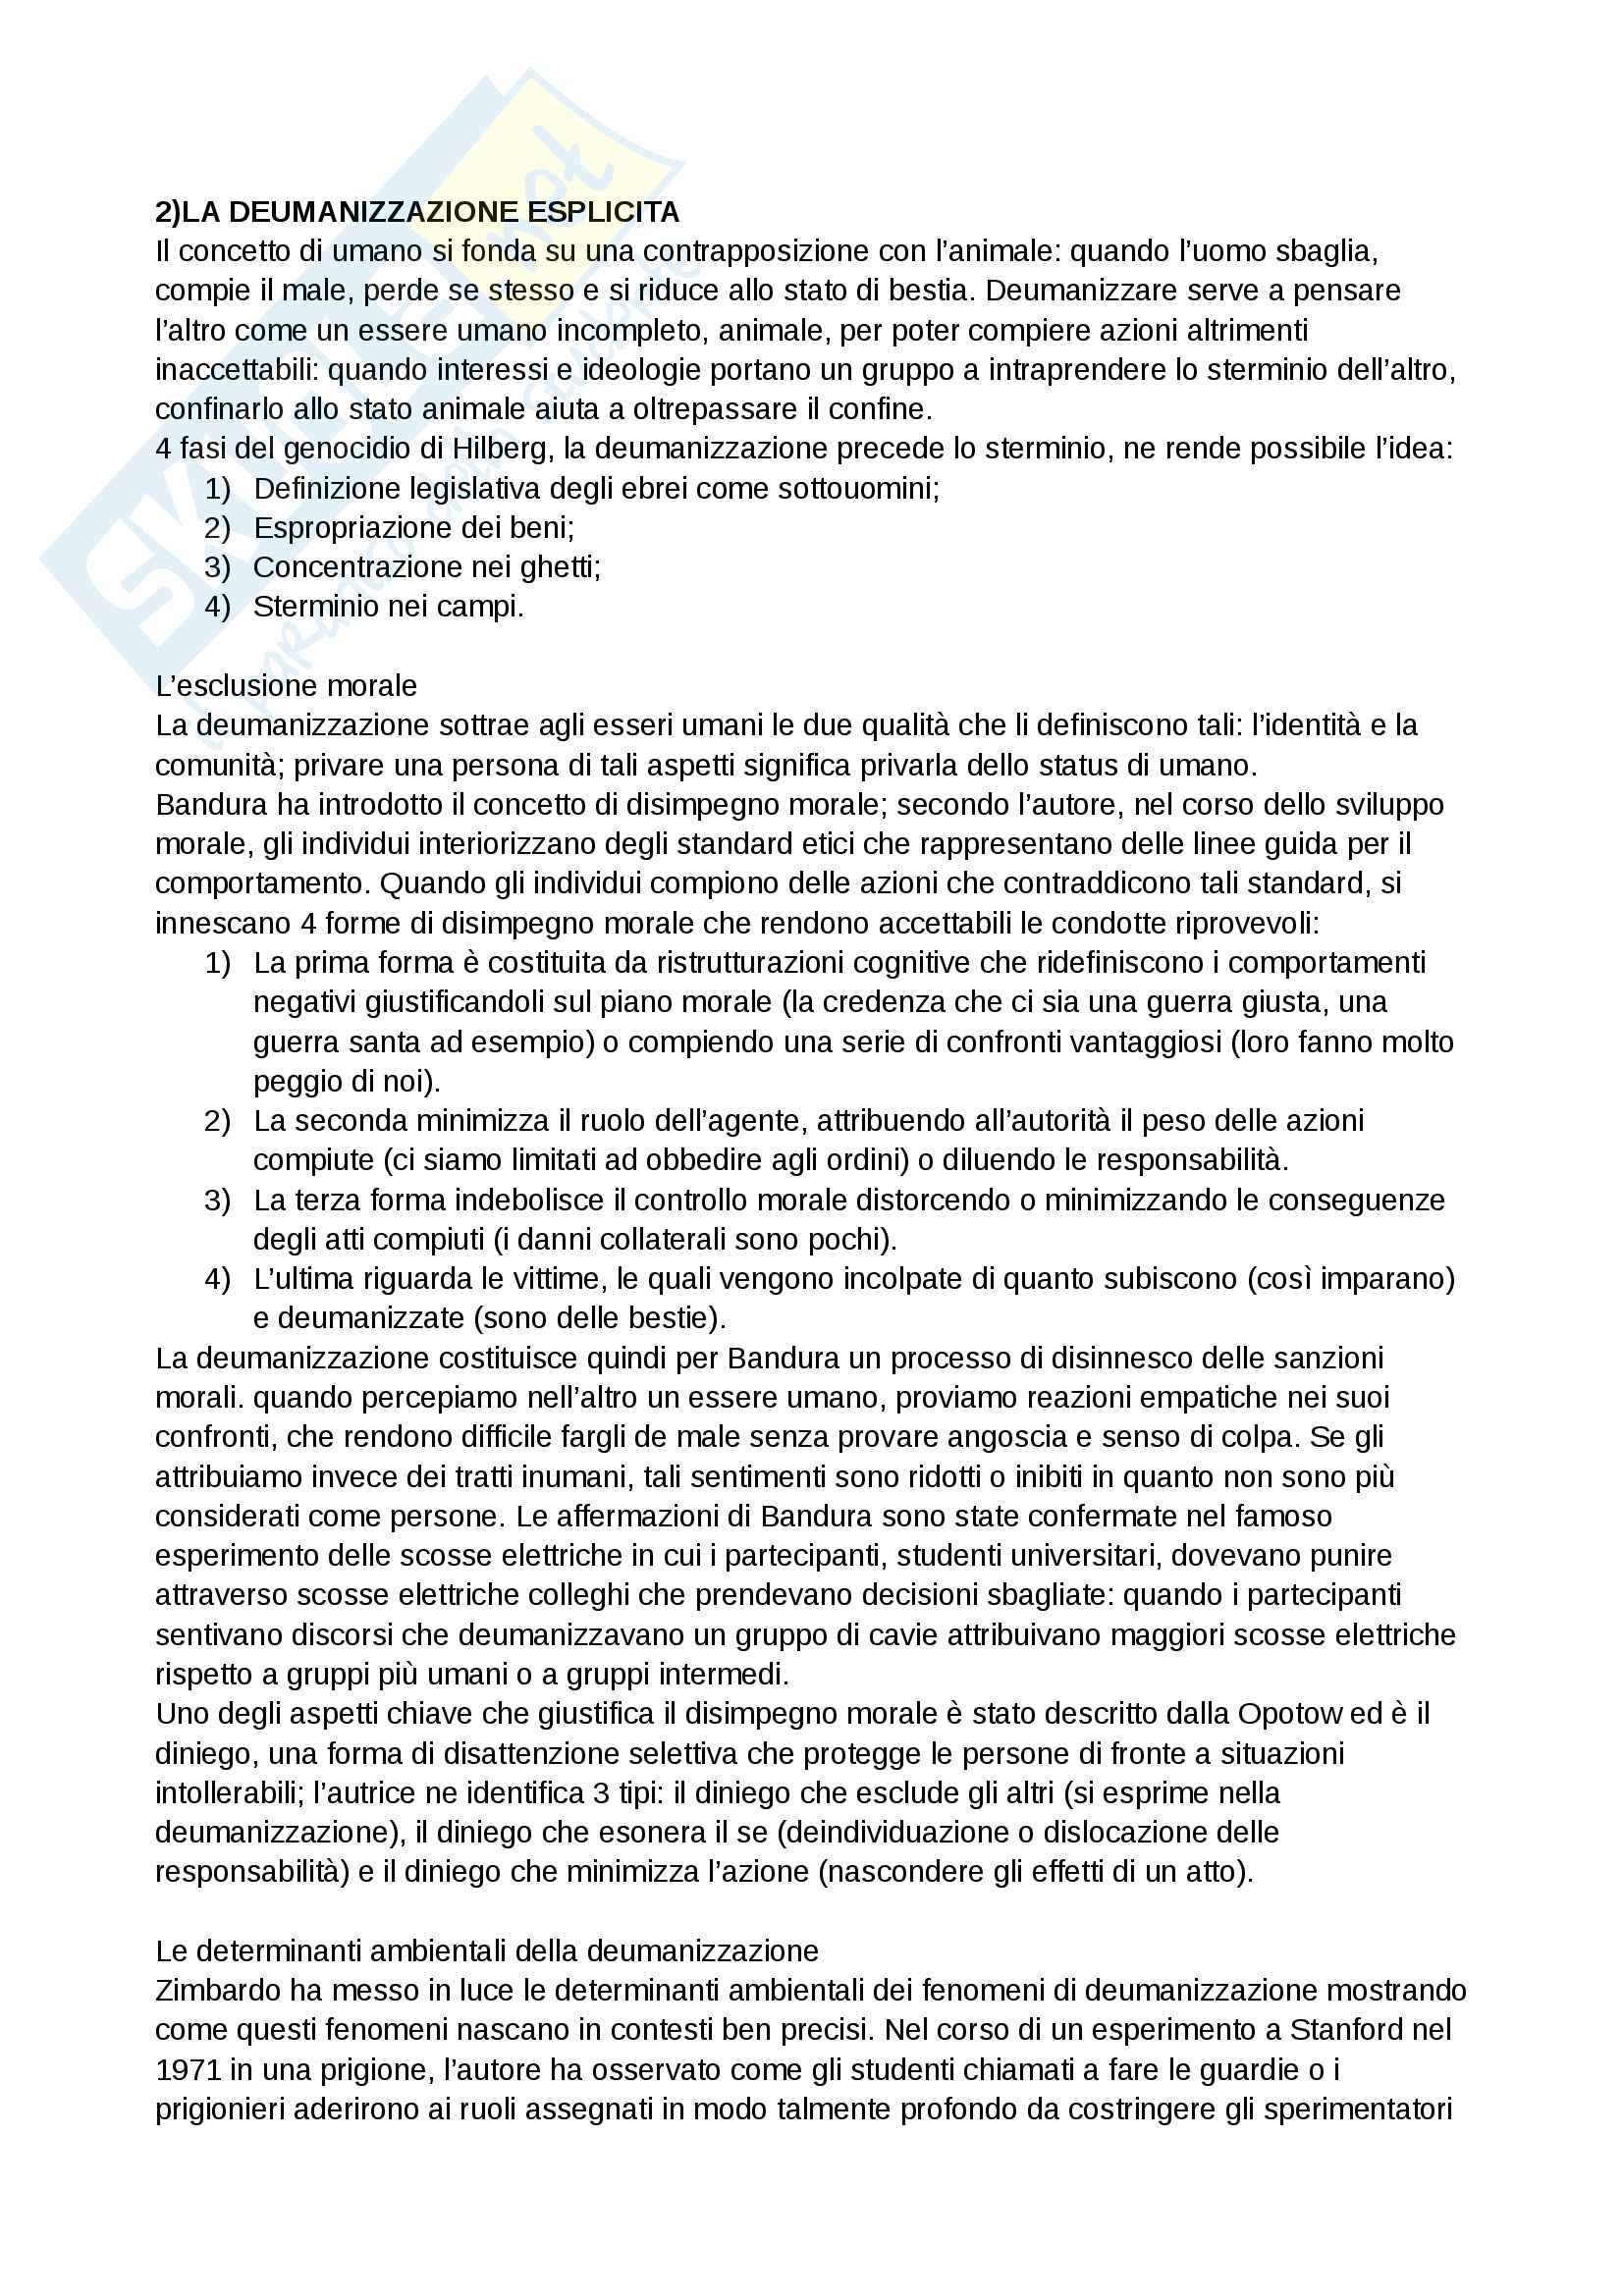 Riassunto esame e Appunti di Psicologia delle influenze sociali per l'esame della Prof. Volpato, libro consigliato: Deumanizzazione, Volpato Pag. 2